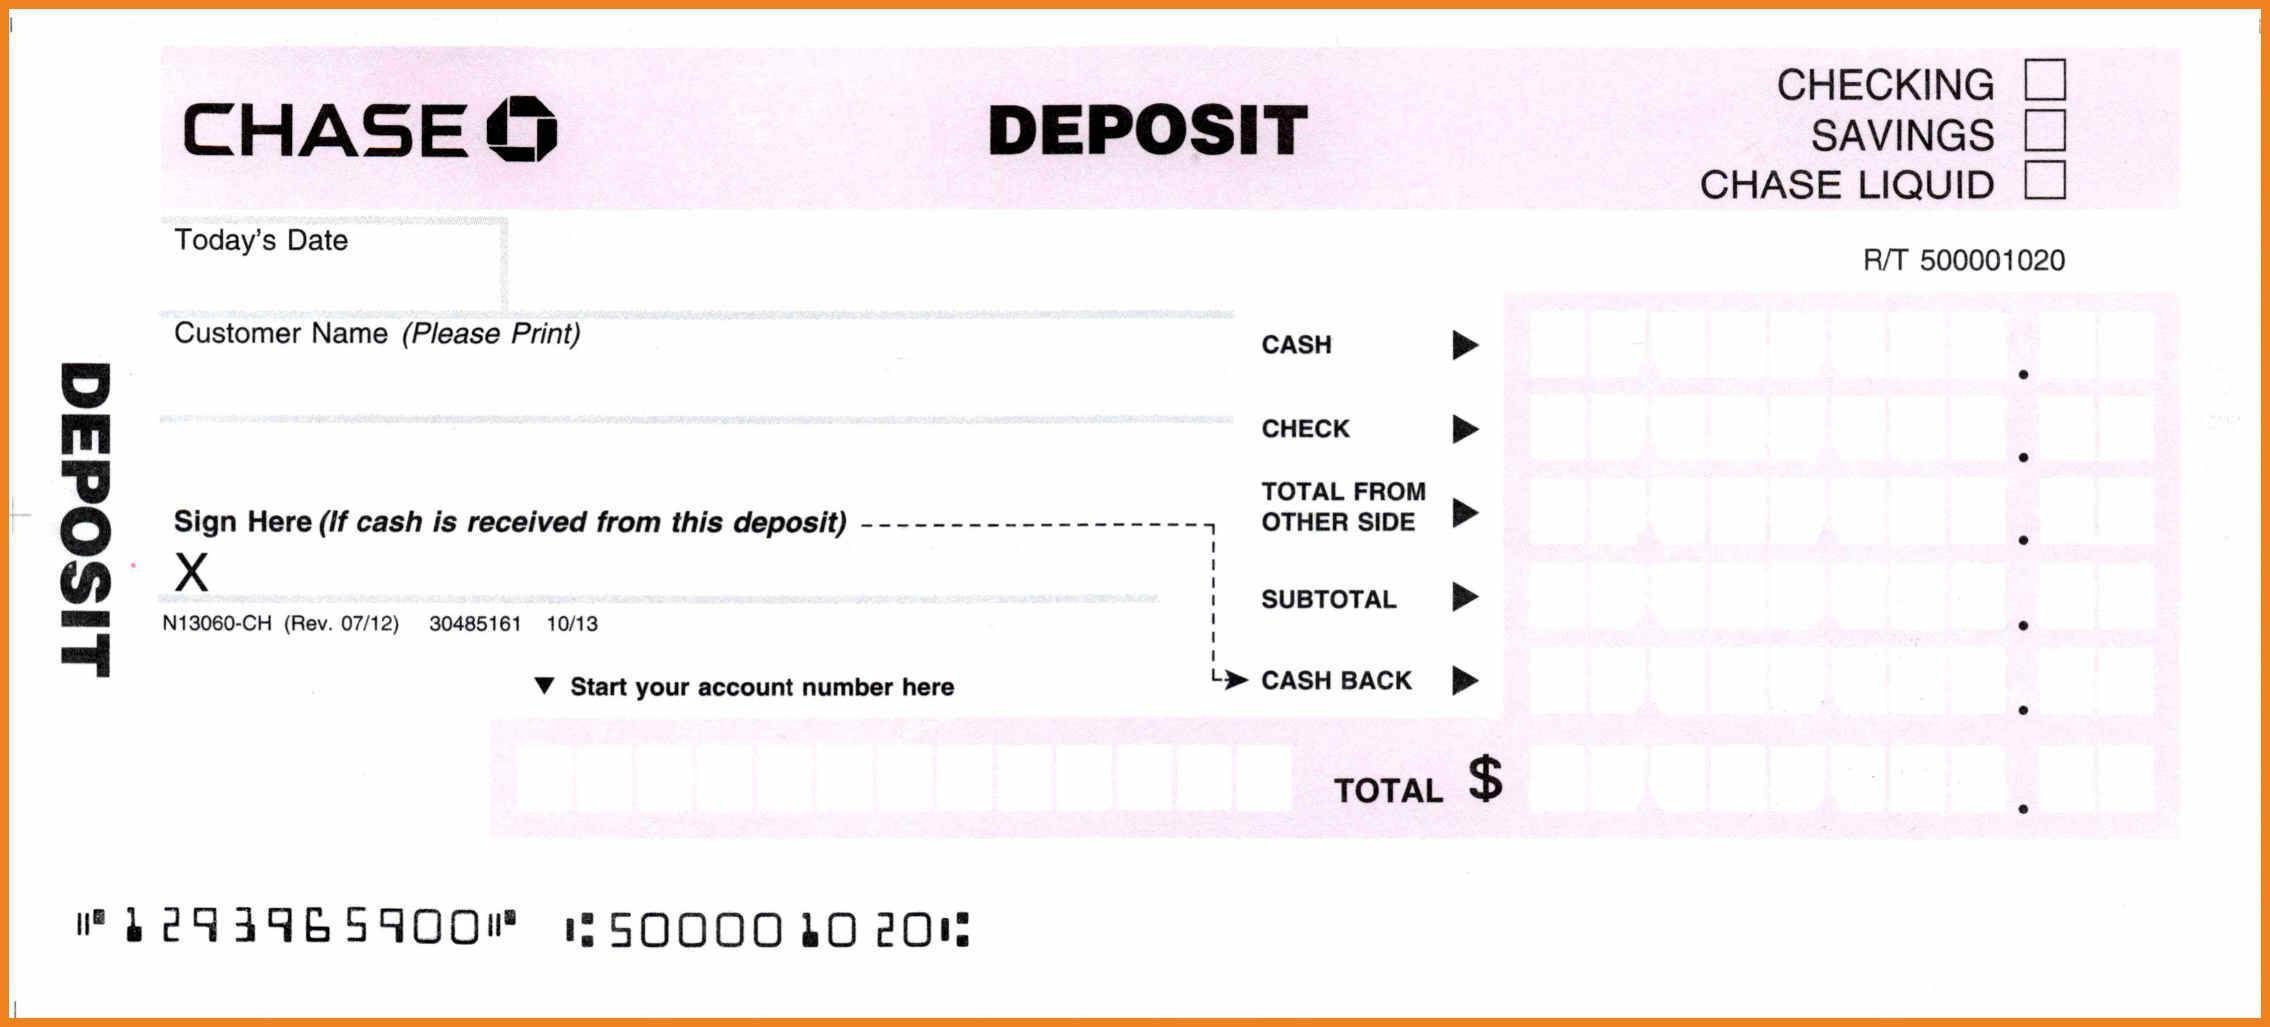 Blank Deposit Slip Template Free